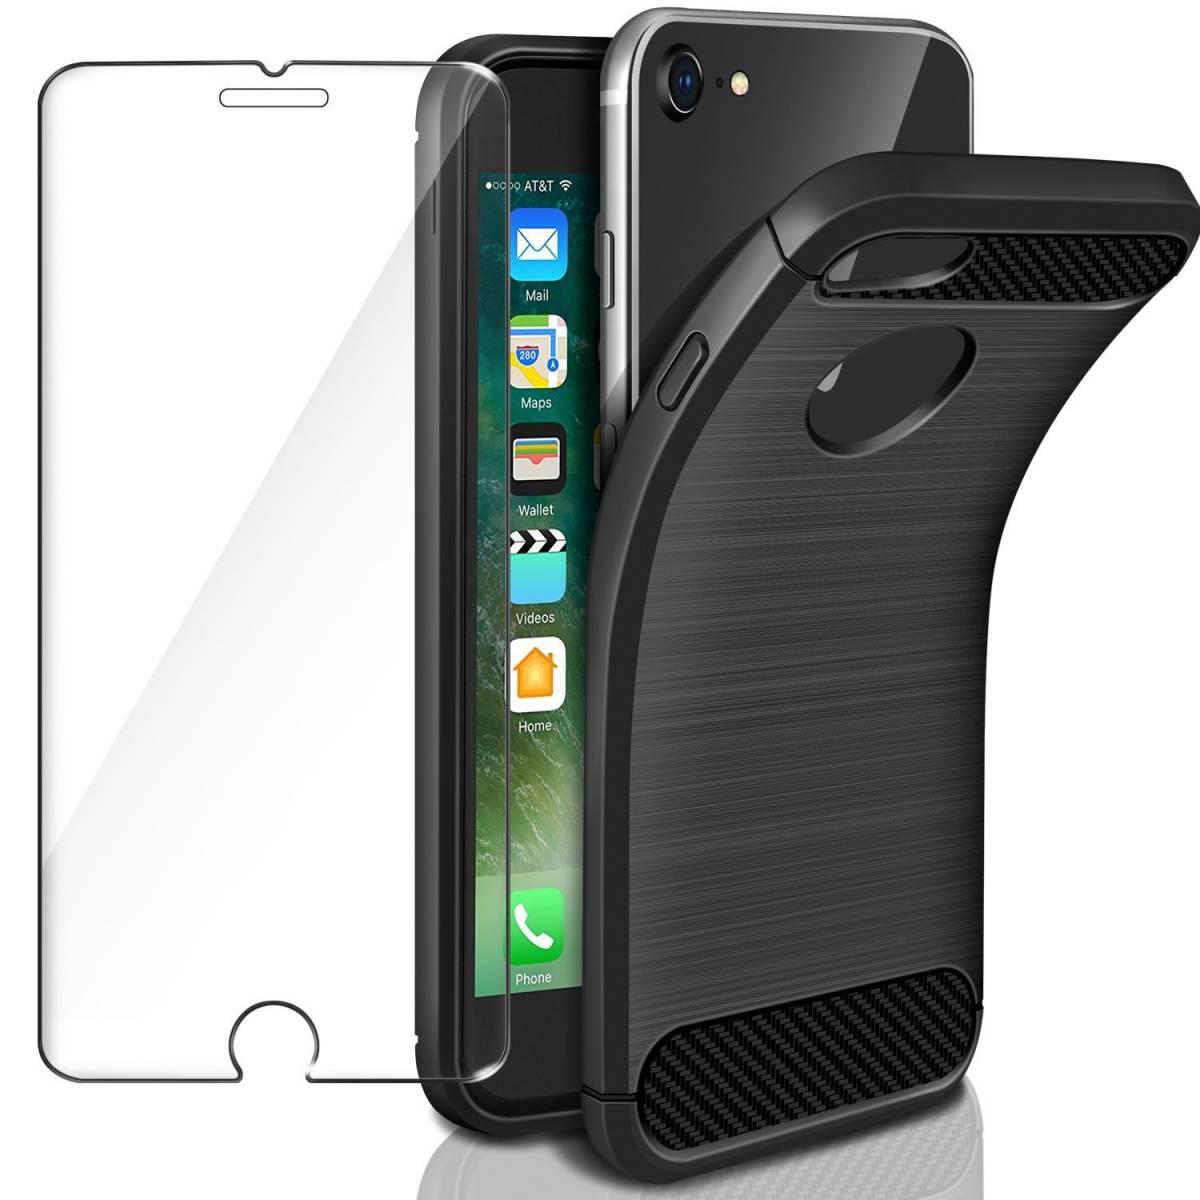 3c0ba281b8 【新品】 1円スタート [IVENCASE] iPhone8 ケース,iPhone7 ケース, 耐衝撃カバー ブラック+強化ガラス液晶保護フィルム